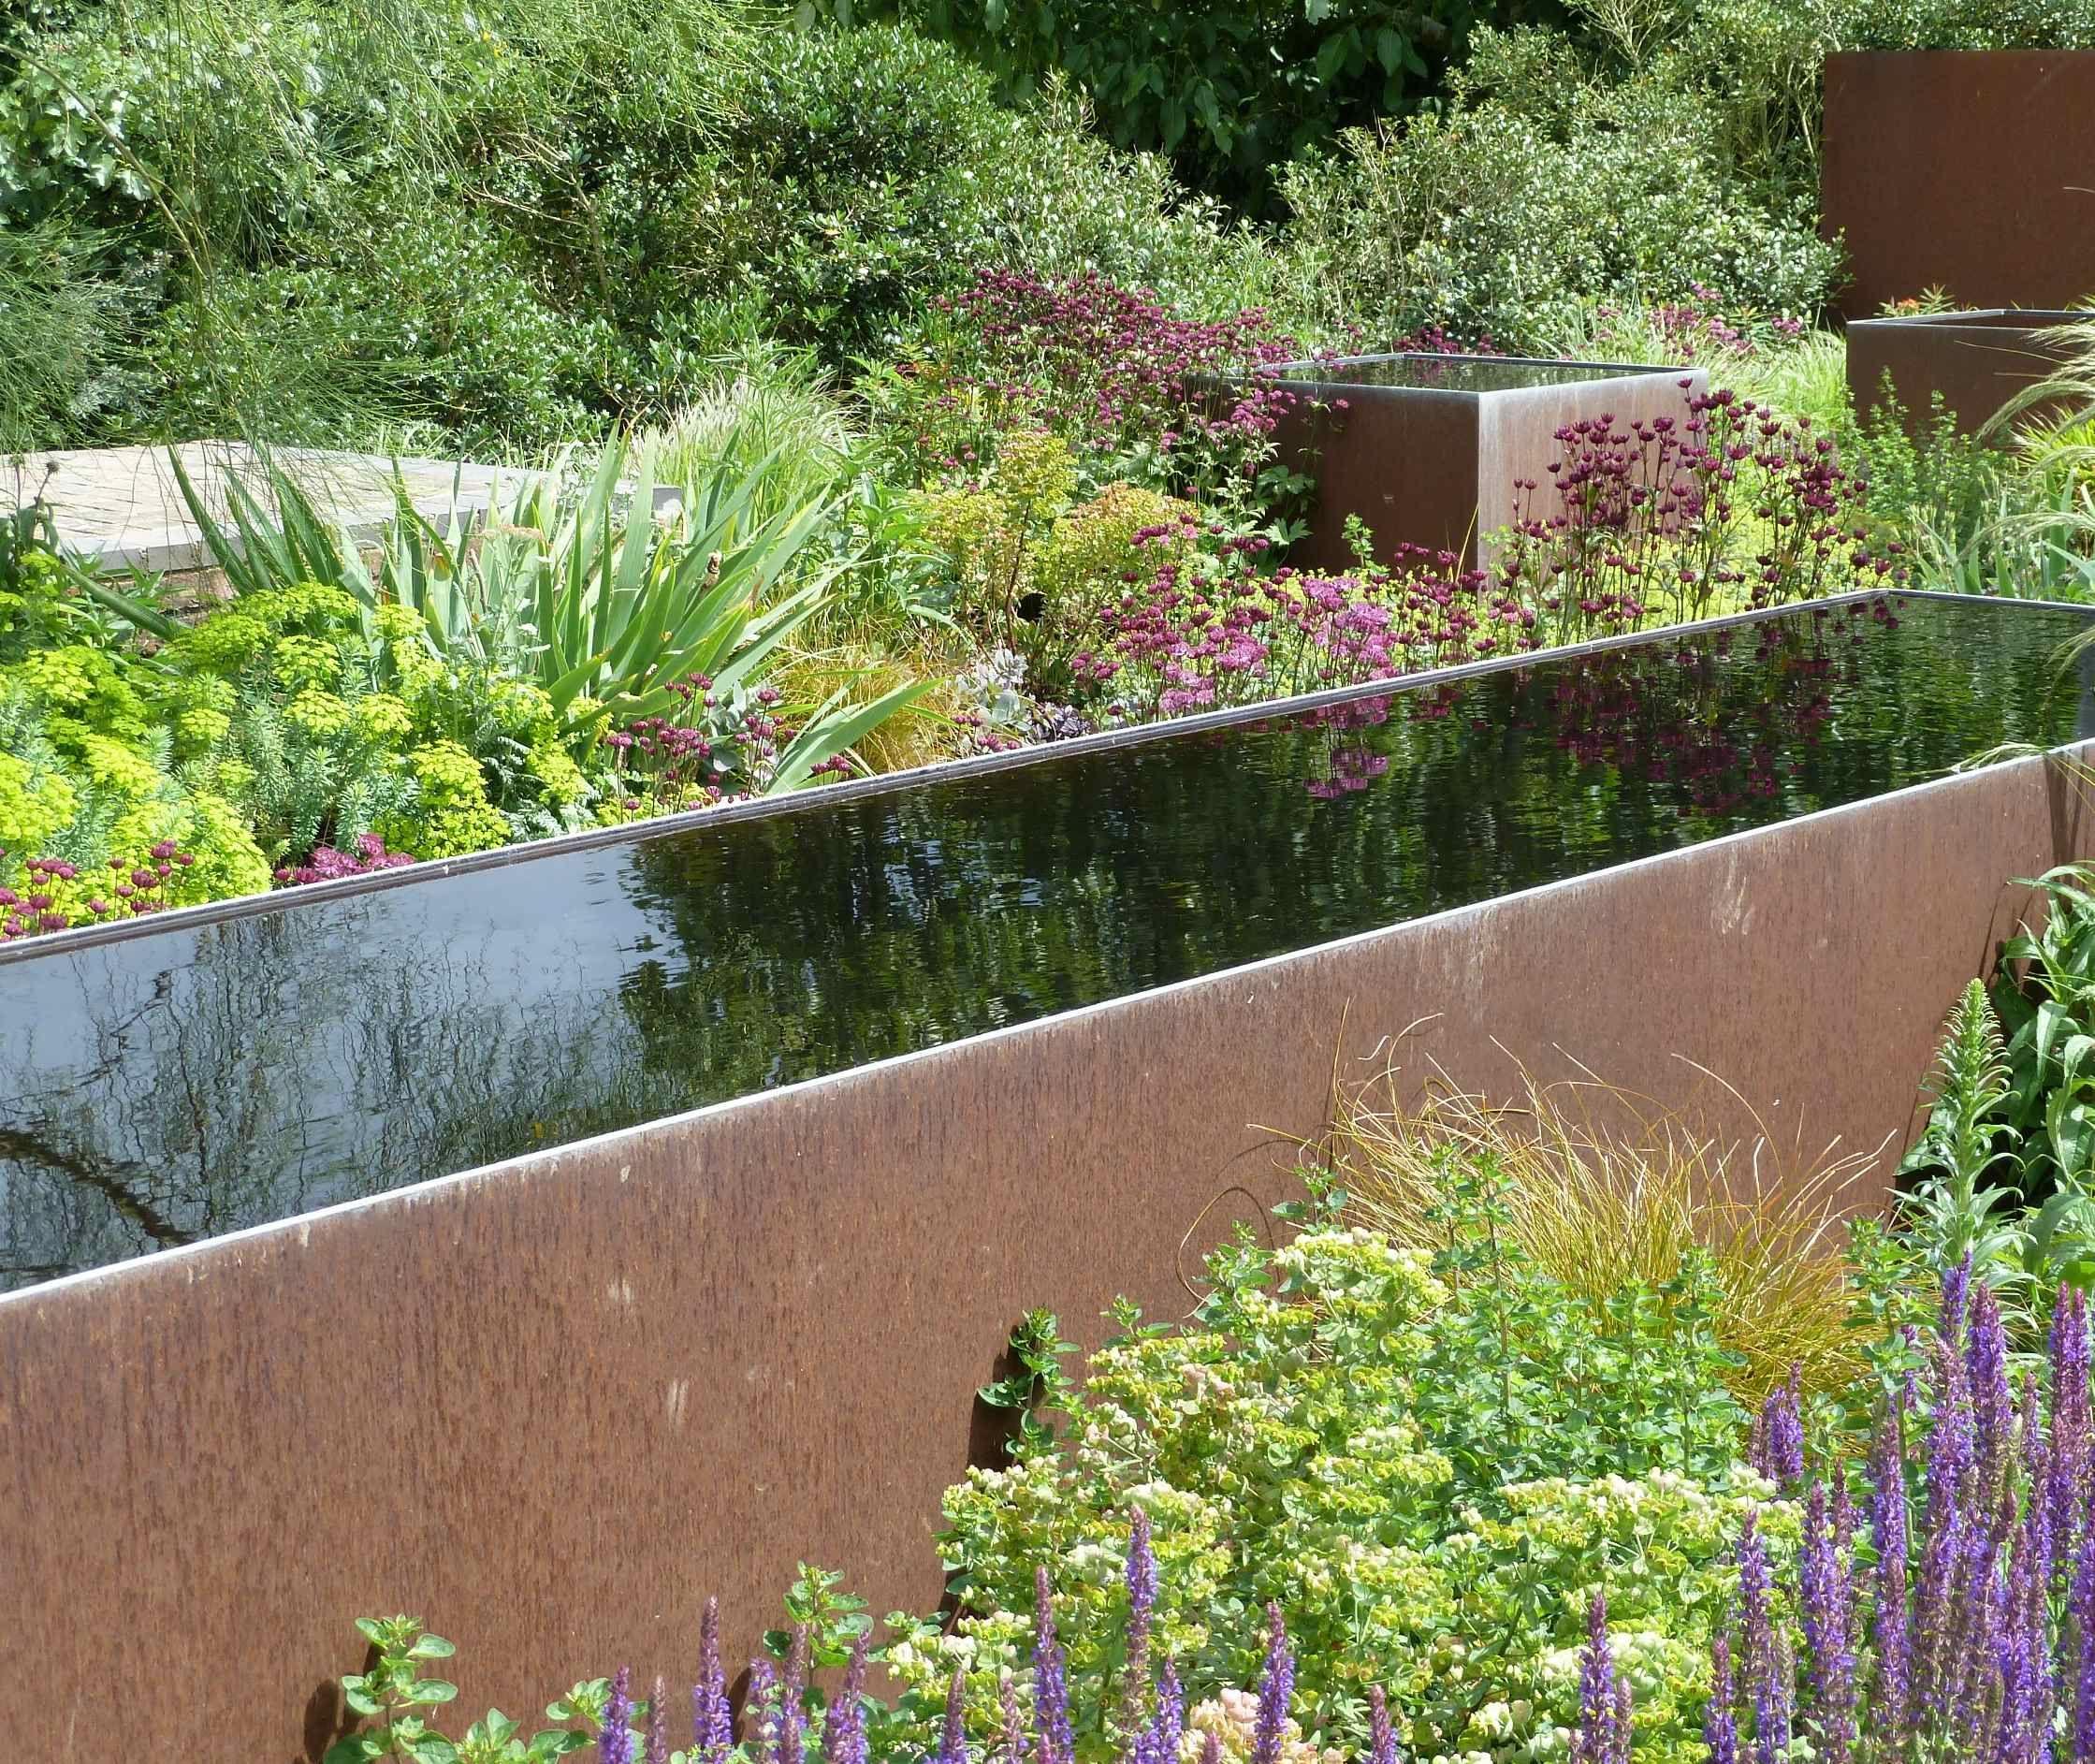 serge hill barn garden, bedmond hertfordshire